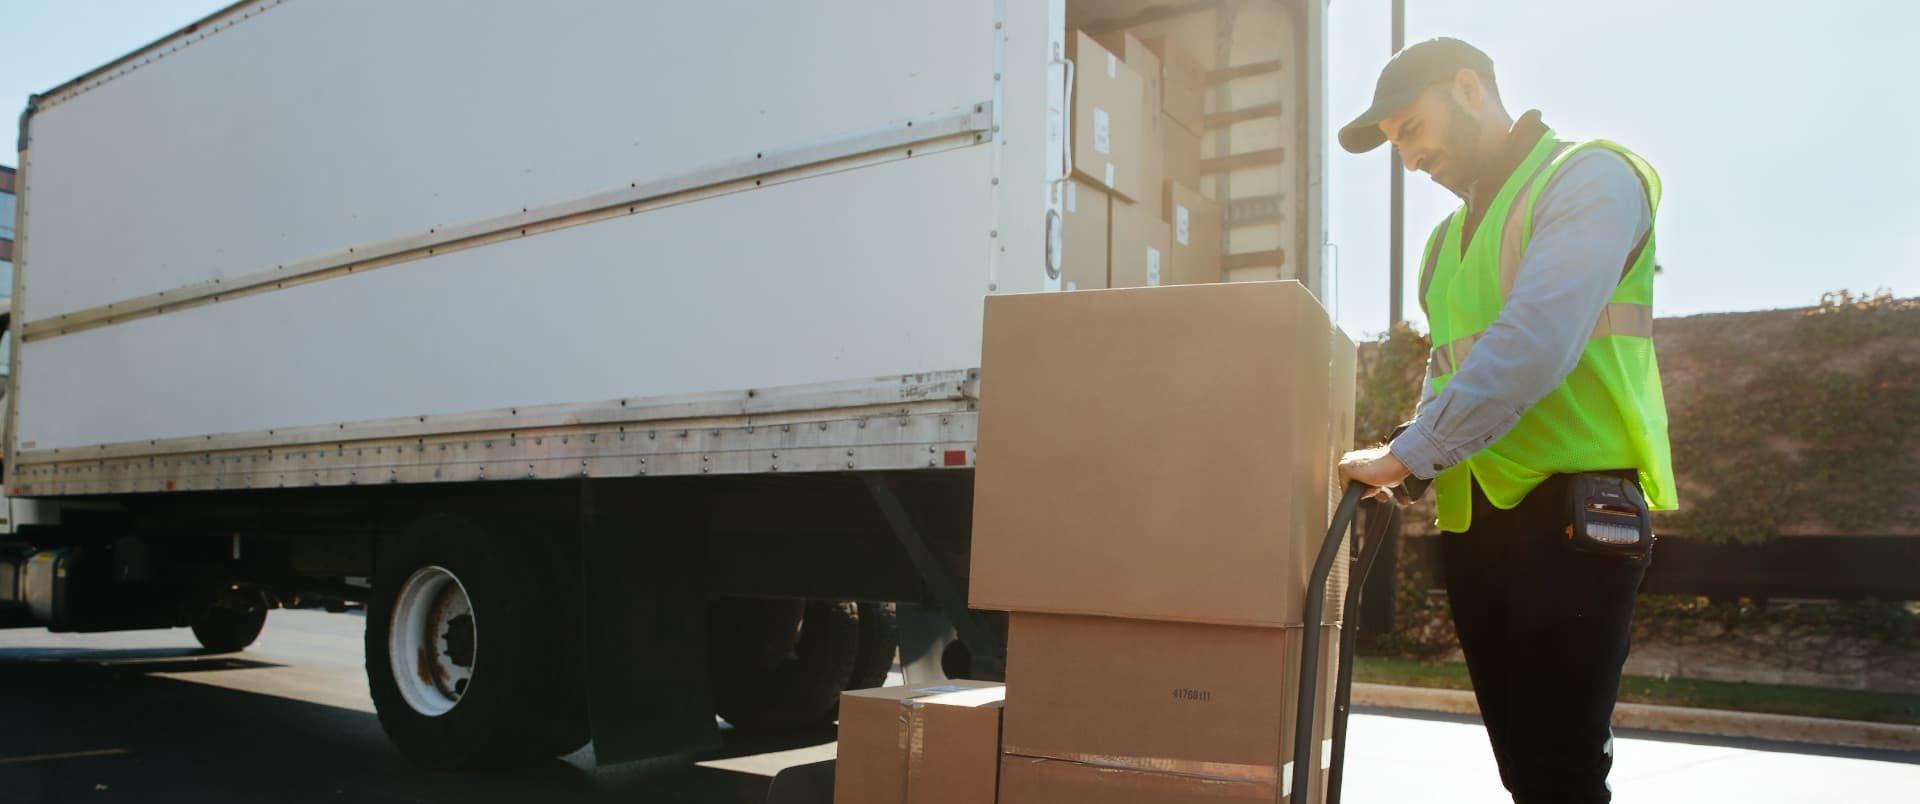 Verlade- und Ablieferscannung Software Baumarkt und Baufachhandel Branche